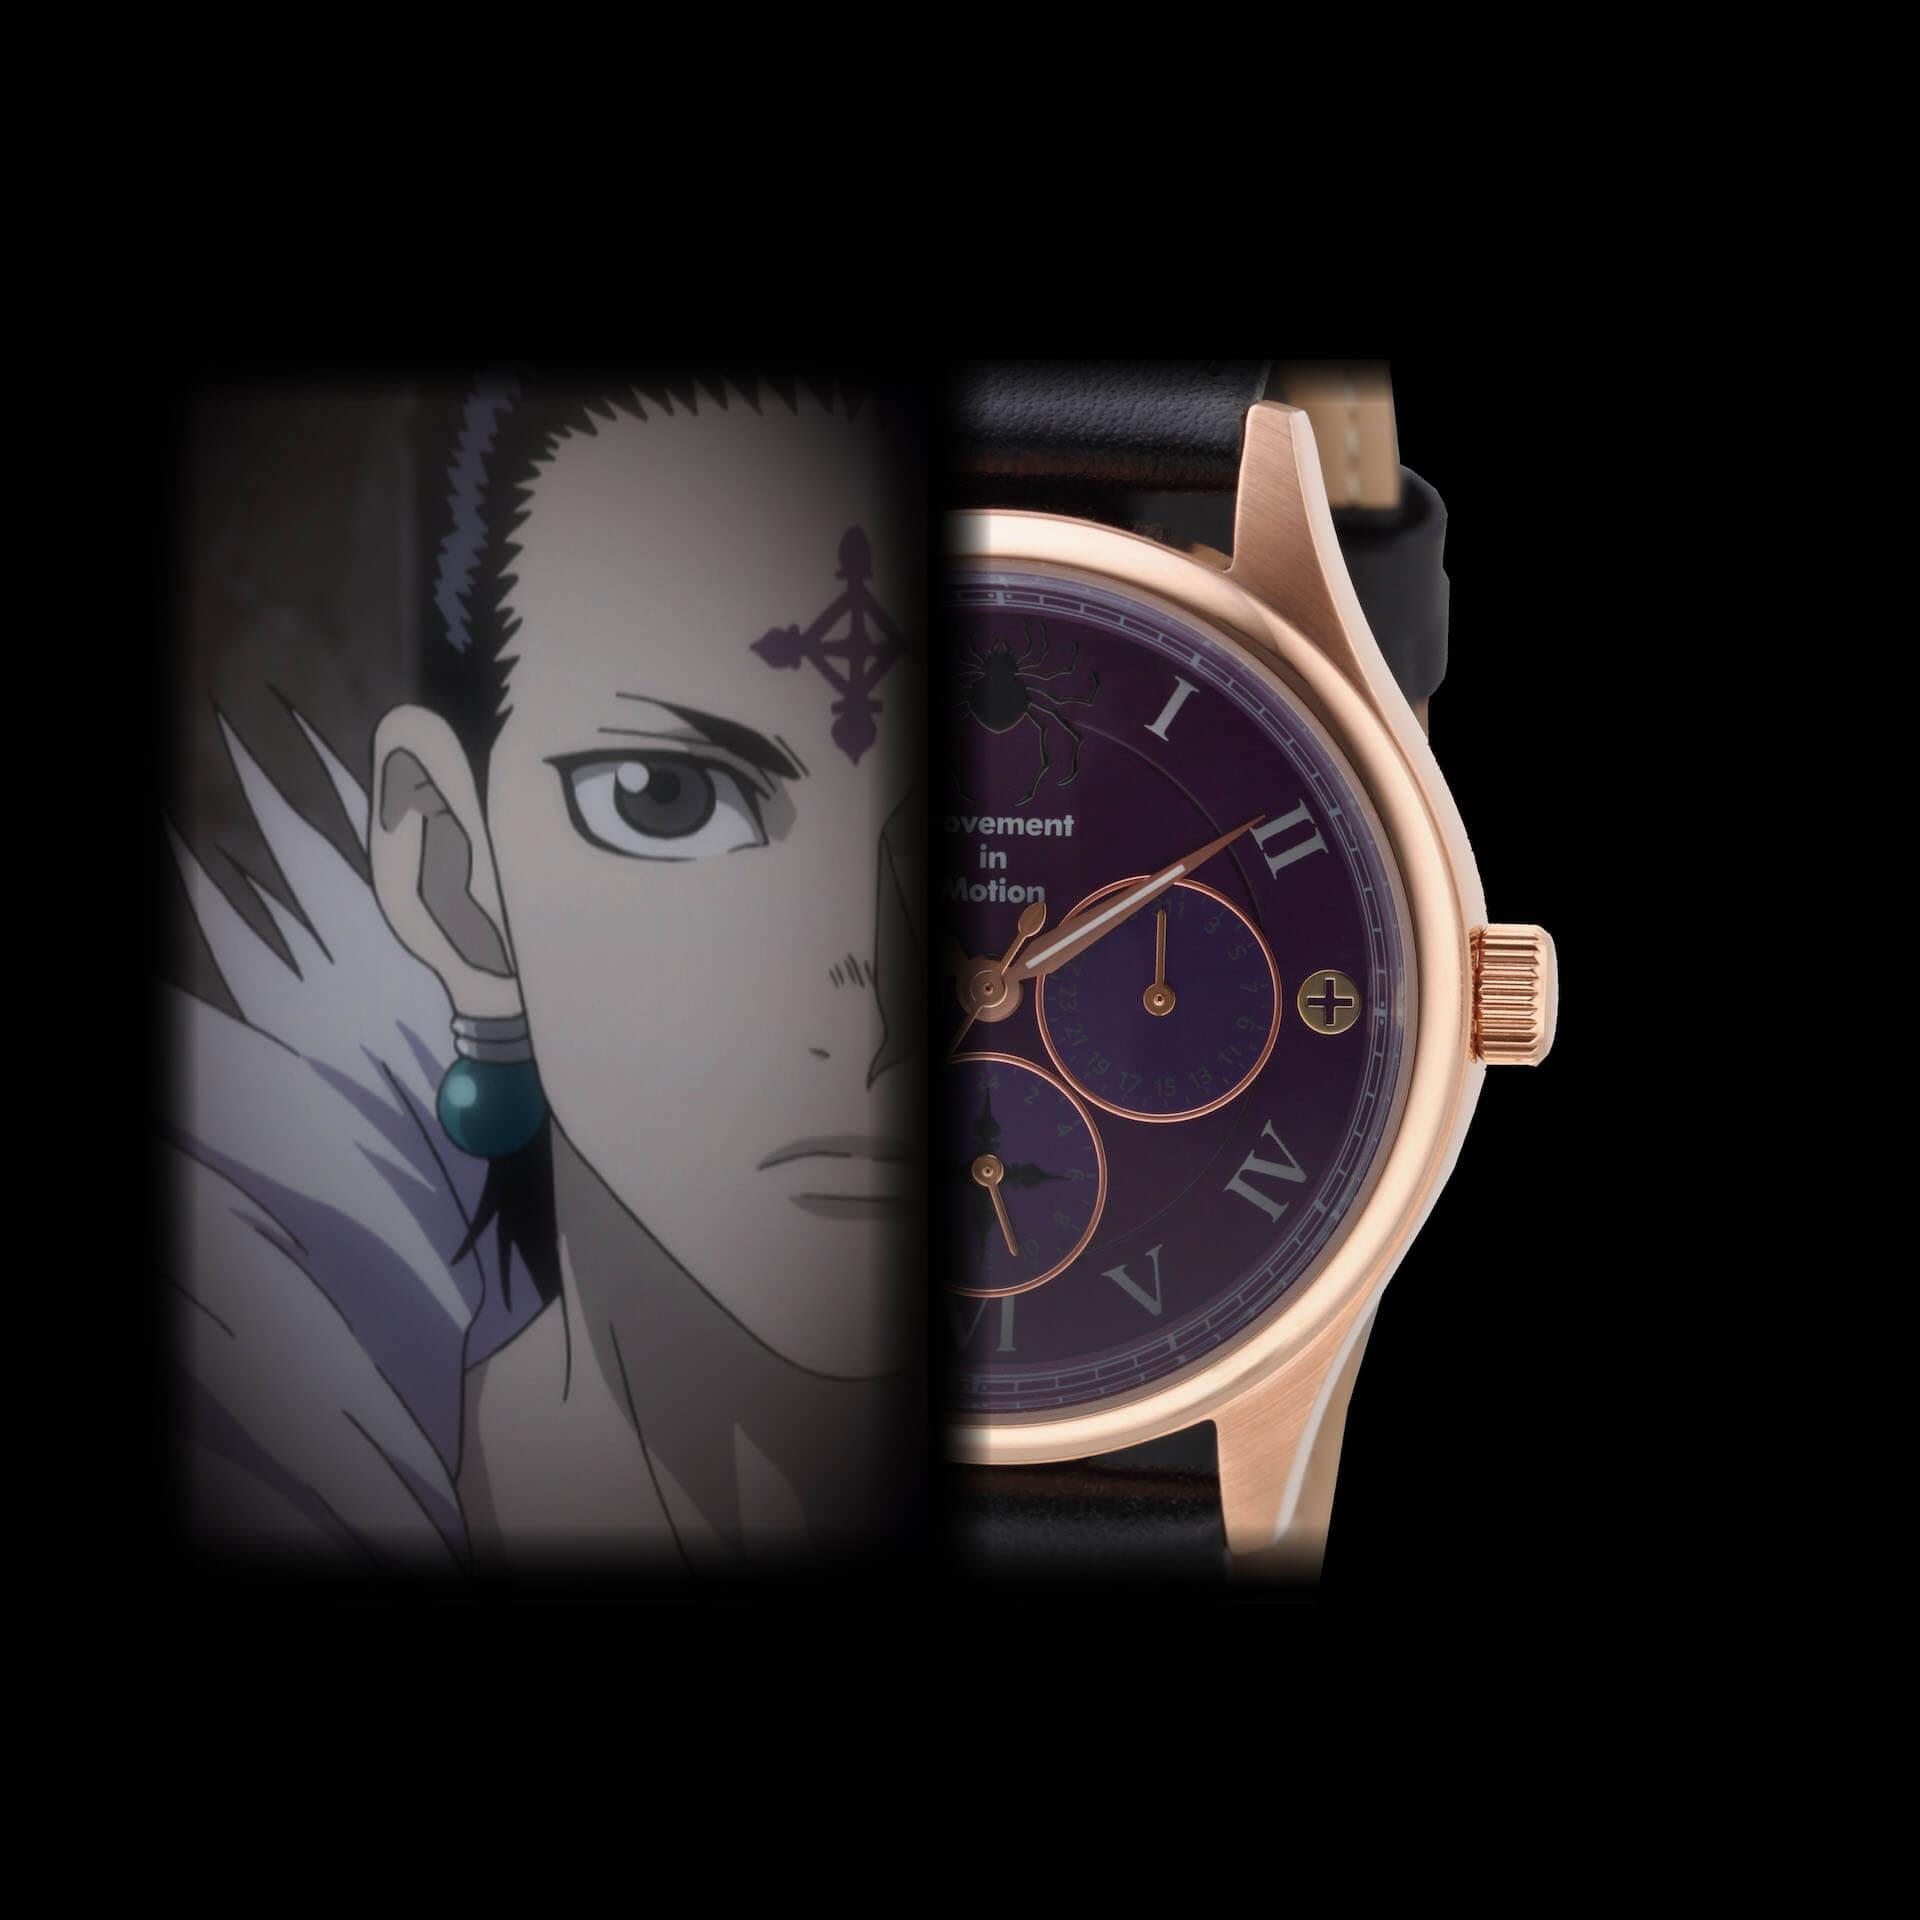 HUNTER×HUNTERとTiCTACの初コラボレーション腕時計が登場|ゴンやヒソカたち、人気キャラクターを表現 sub5-1